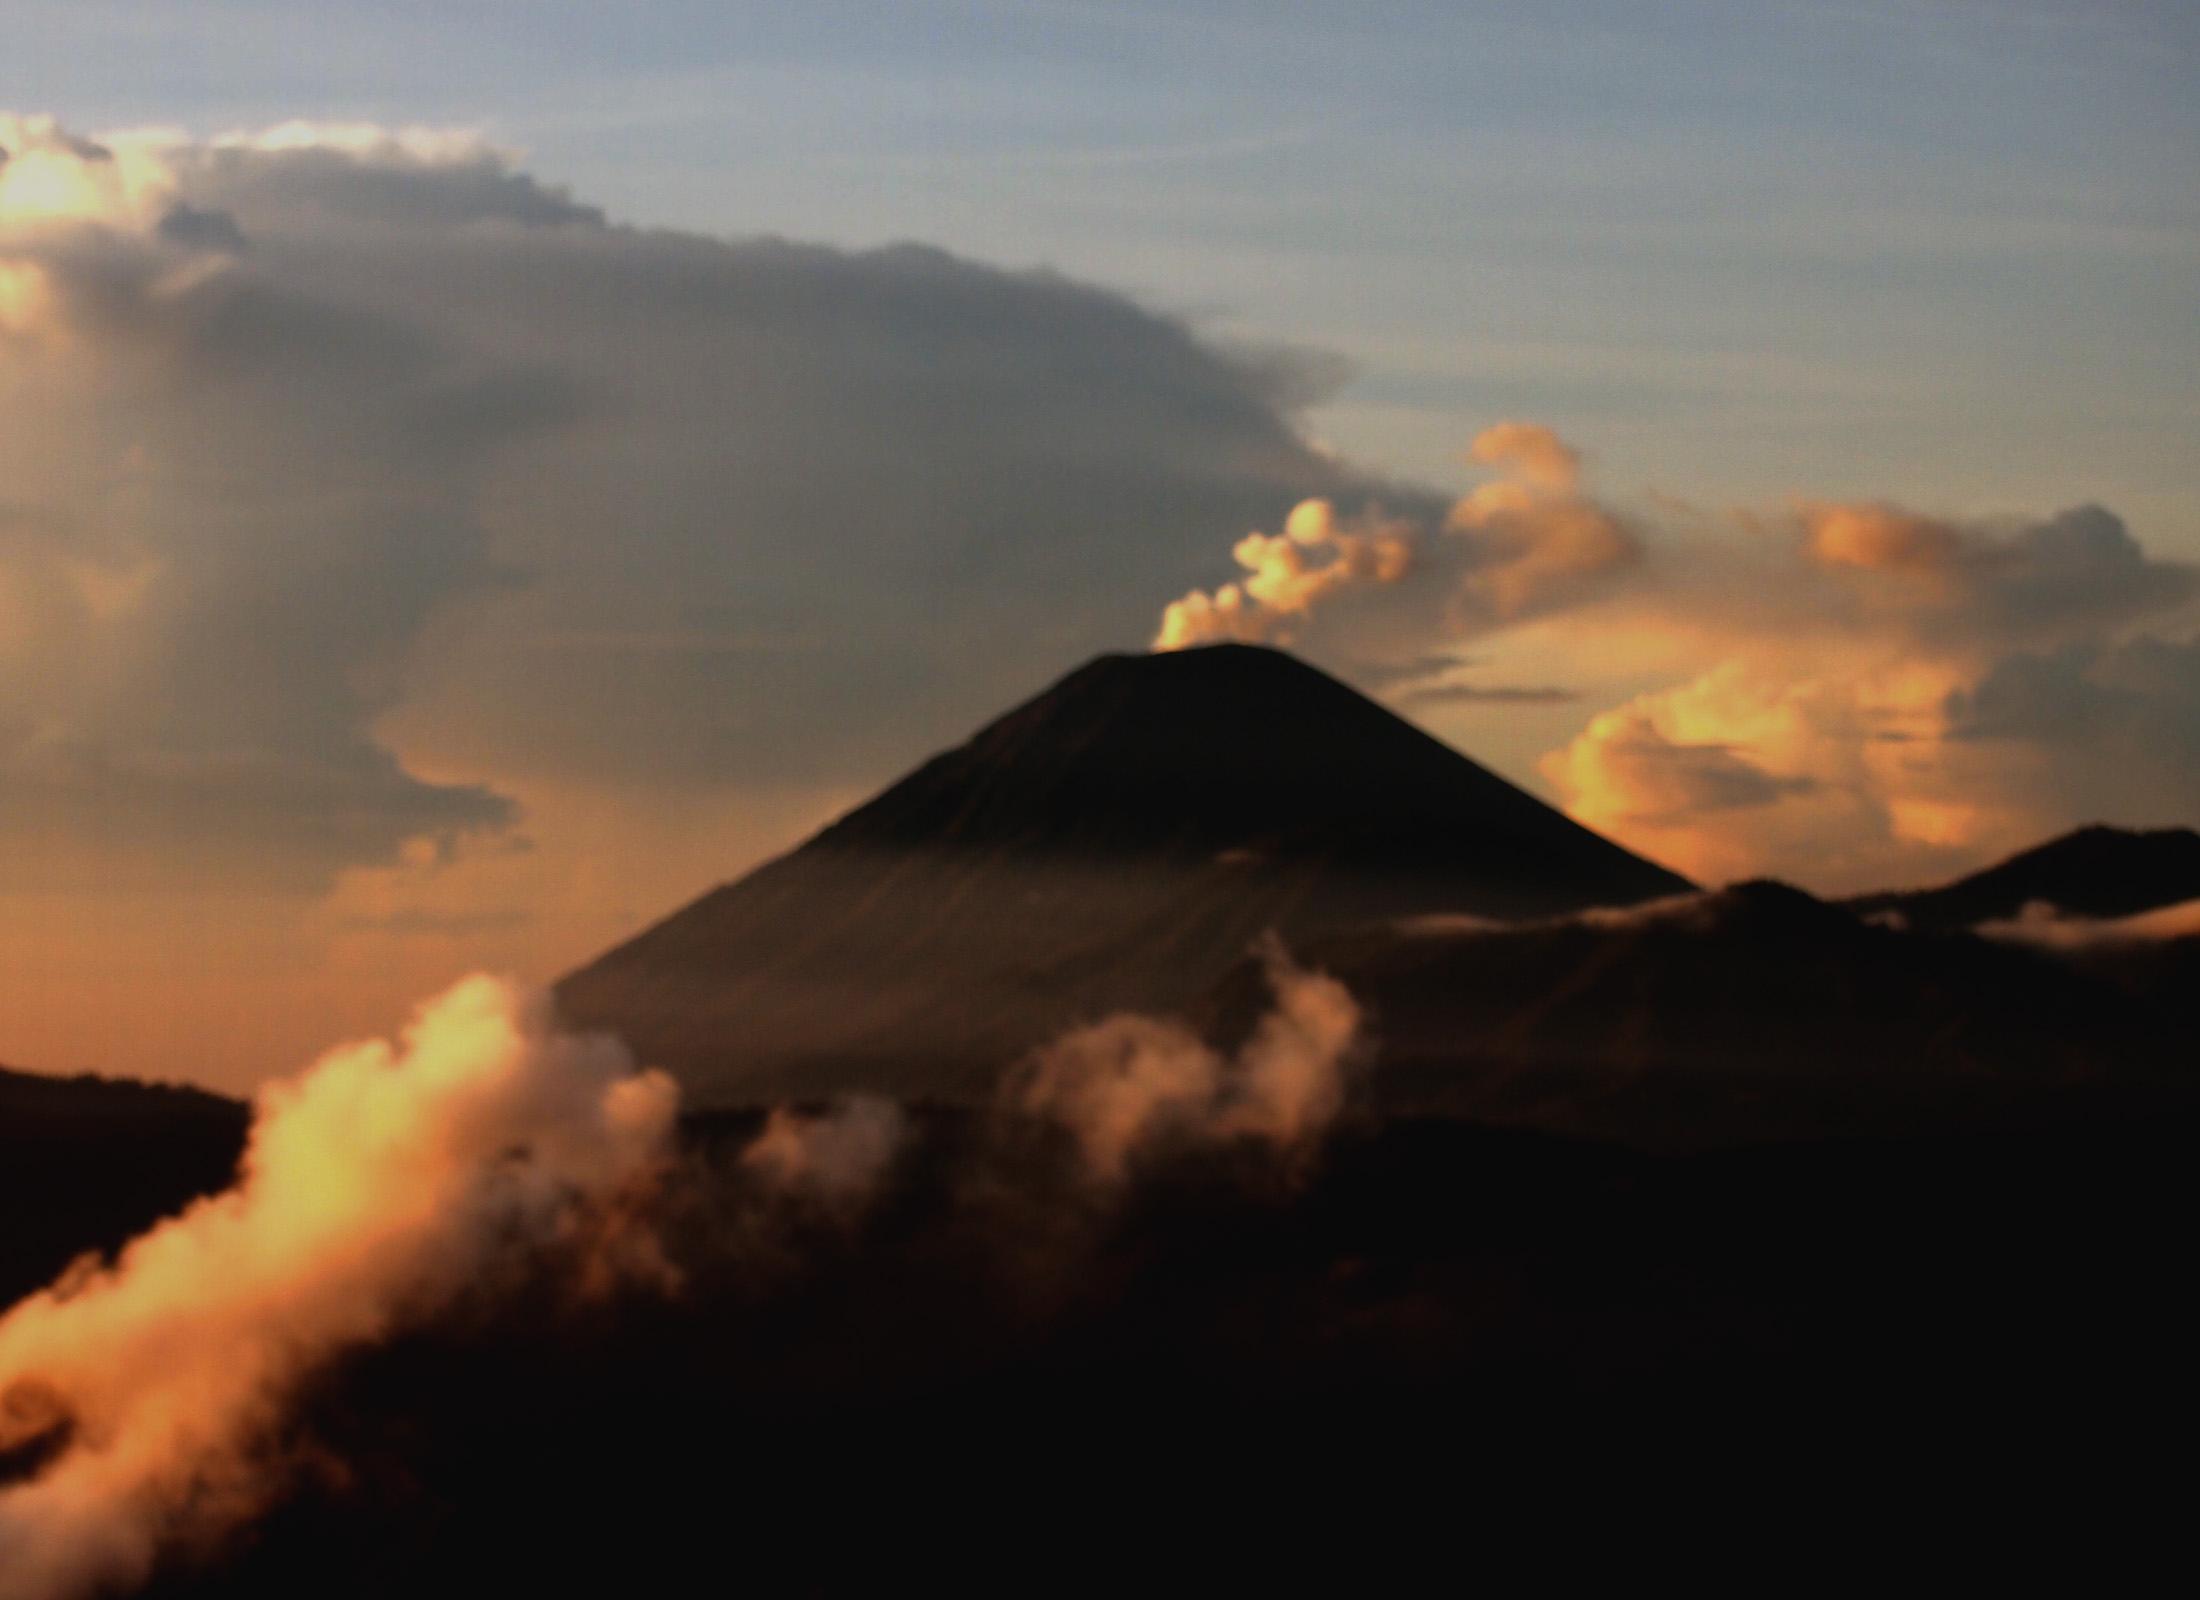 Mount Semeru - mount semeru trekking - Explore Indonesia, YOEXPLORE